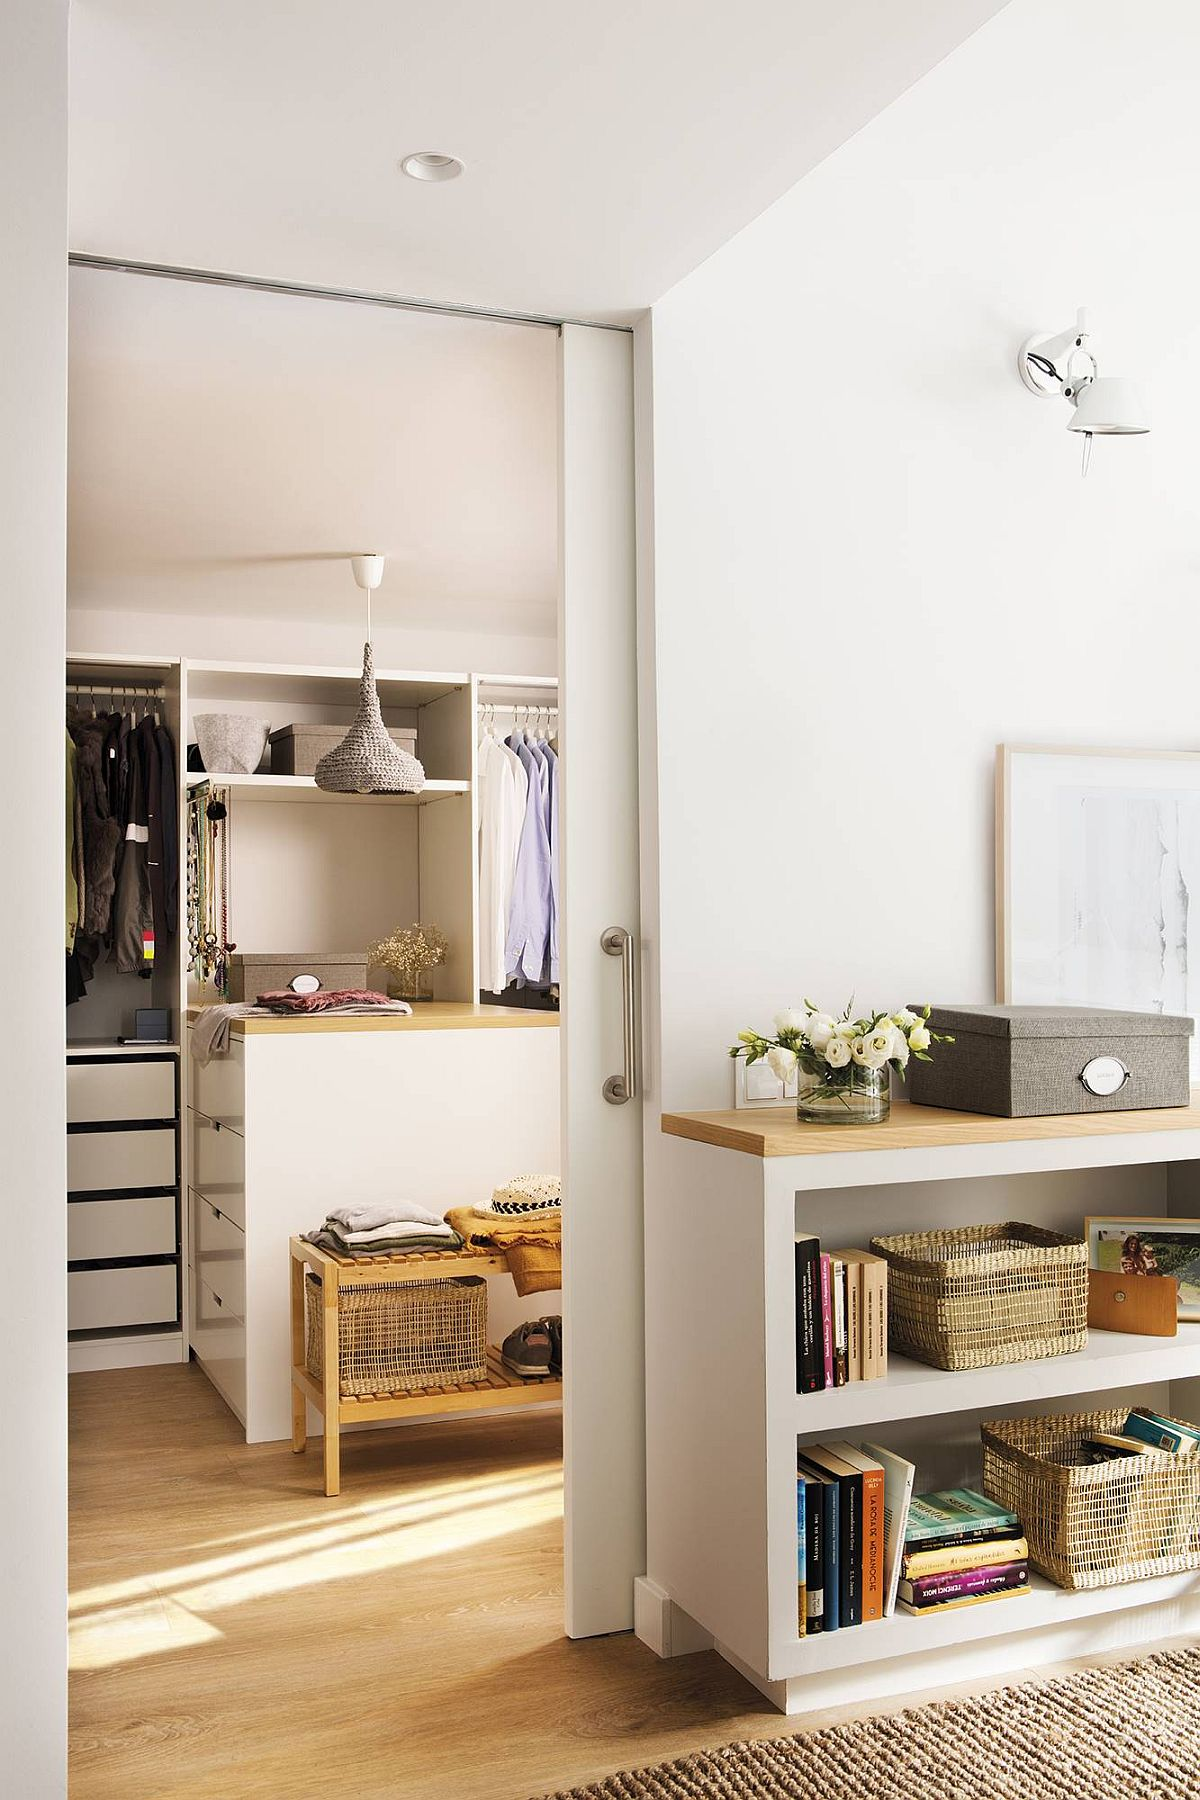 Da, un dormitor fătă mobilă de depozitare pentru că are dressing separat, așa că spațiul destinat odihnei poate rămâne simplu, curat, chiar dacă este mic, pentru că haosul este întotdeauna în spațiul destinat hainelor.